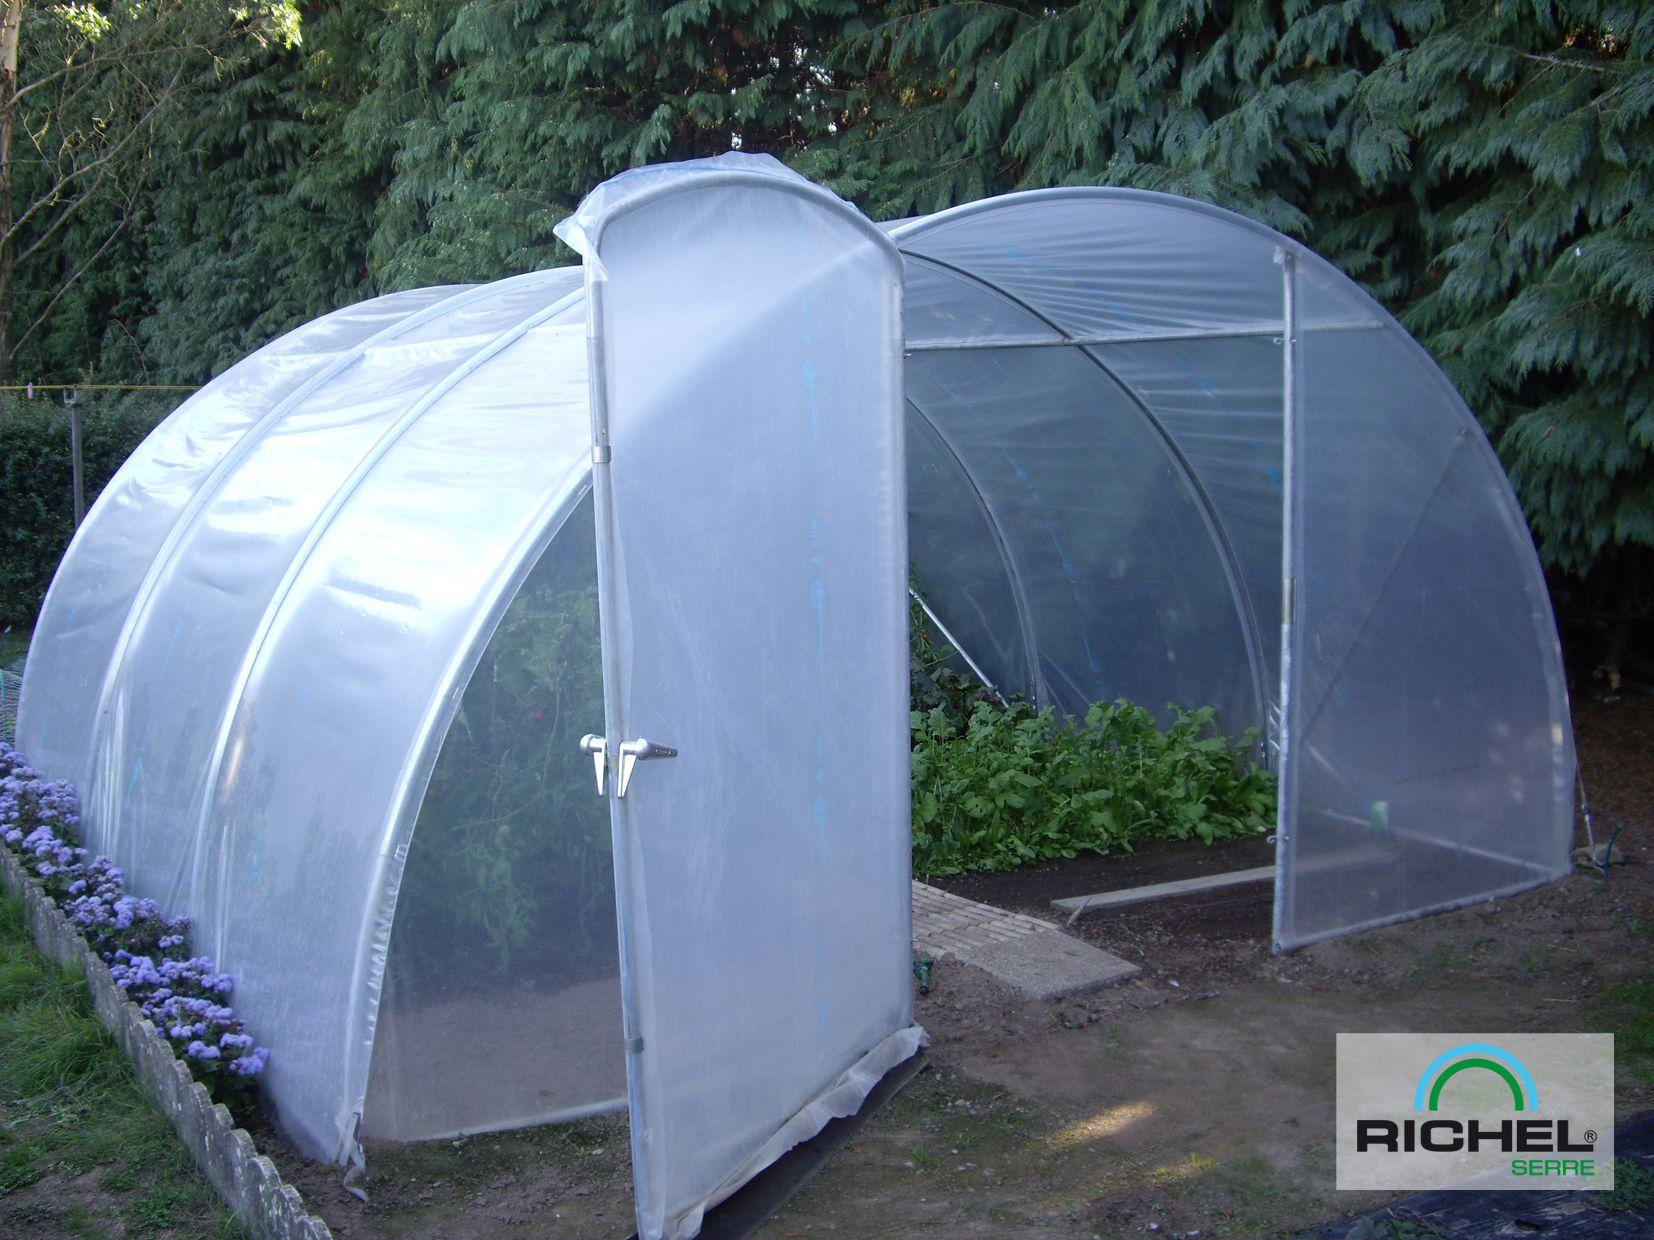 Serre De Jardin Richel 20.25M² Avec Porte | Serre Jardin ... concernant Serre De Jardin 9M2